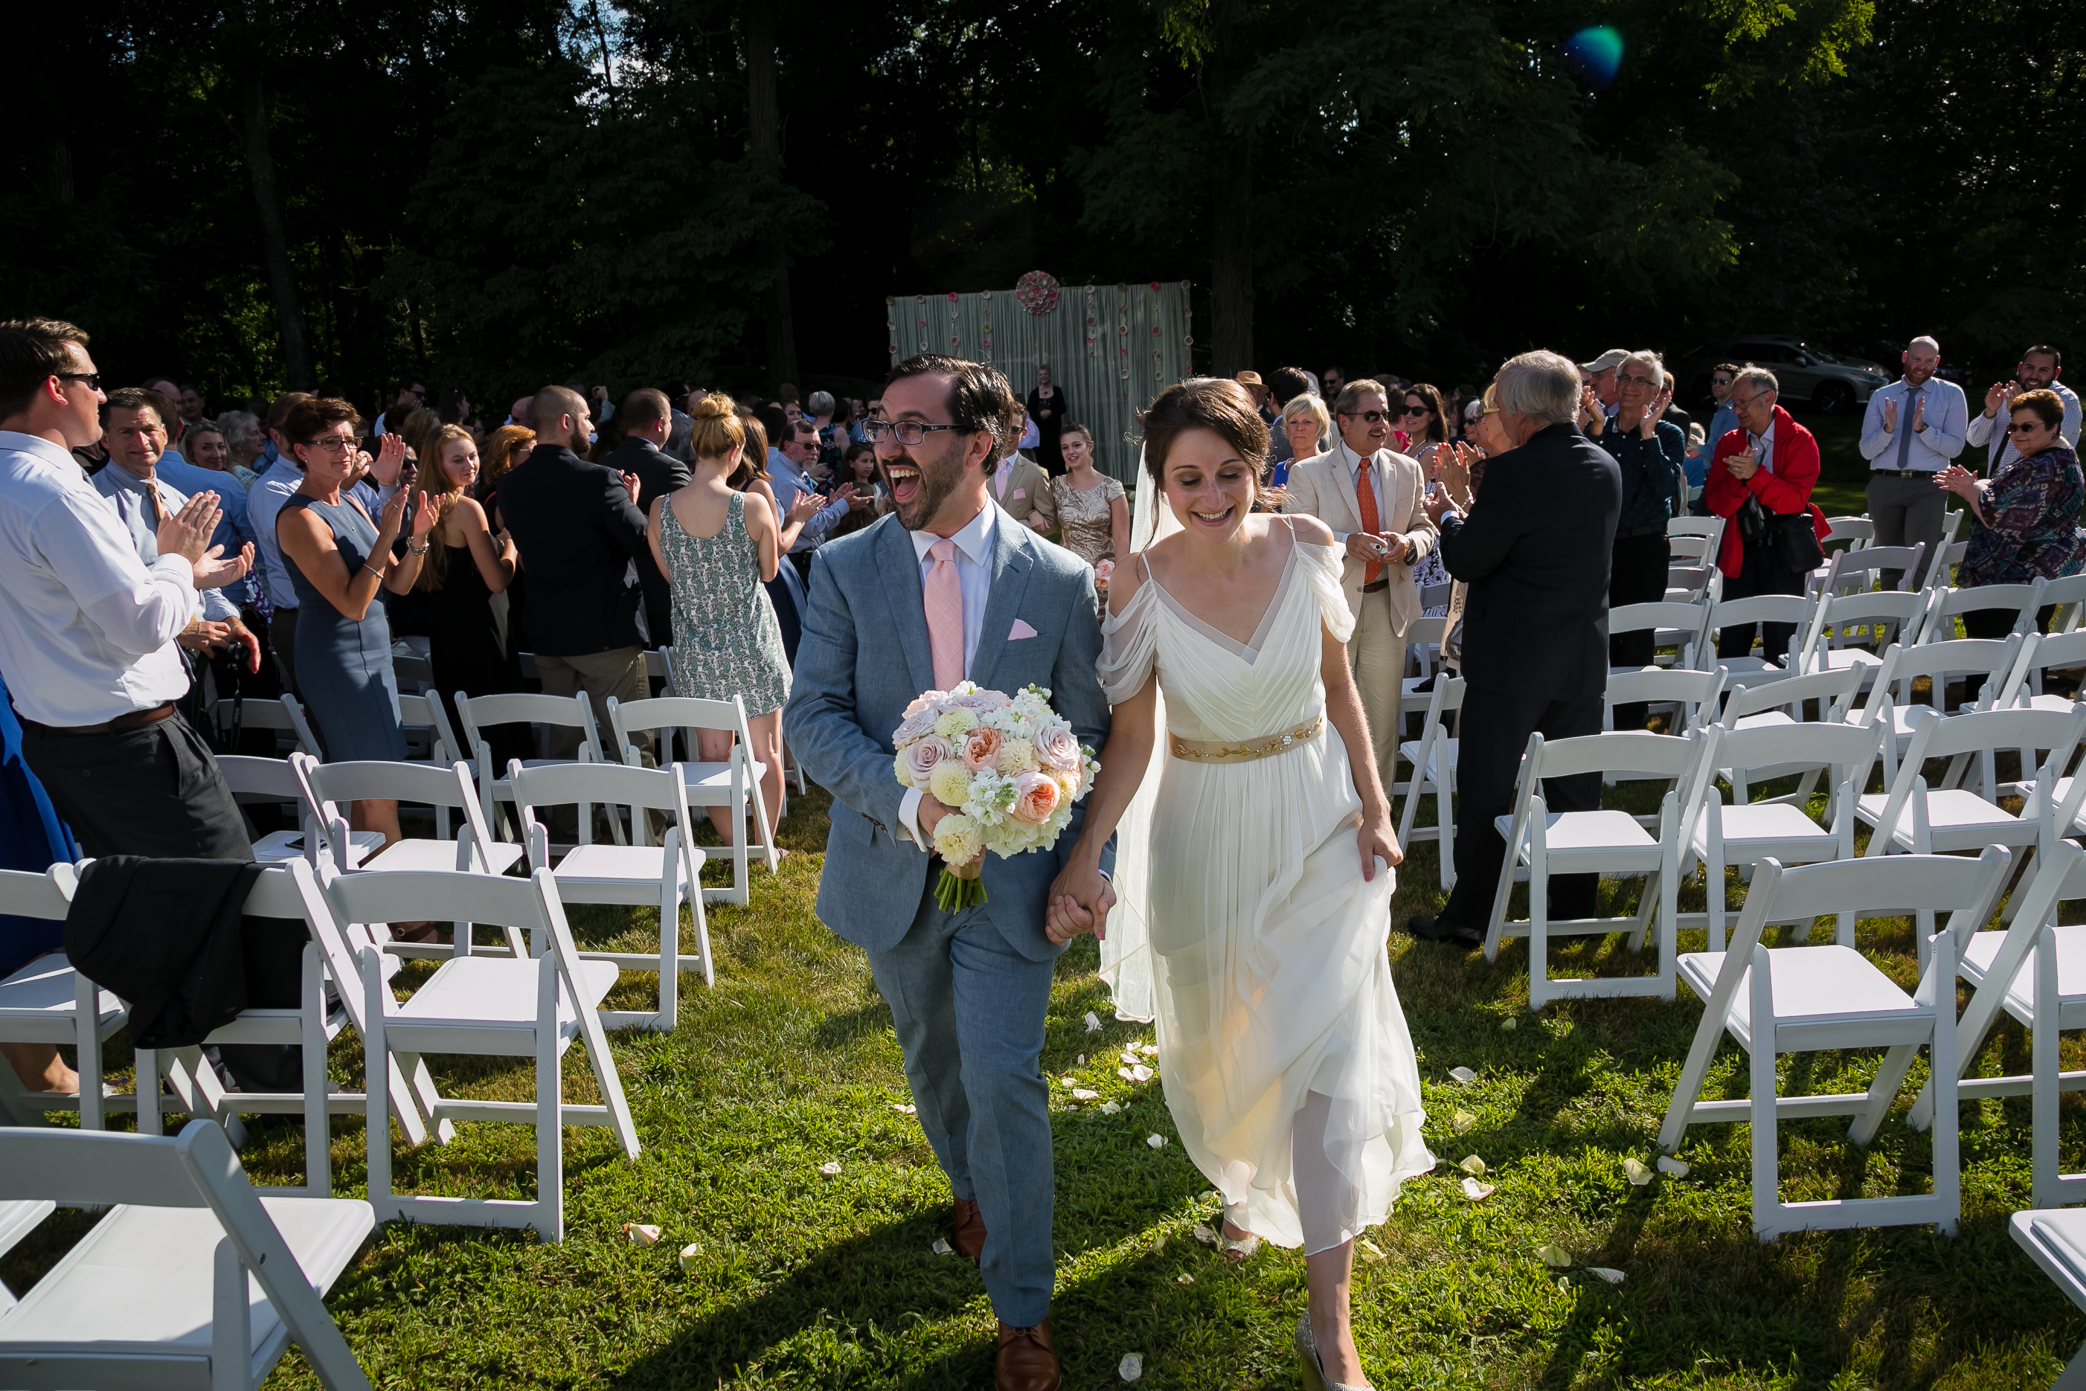 mt-sinai-wedding-walking